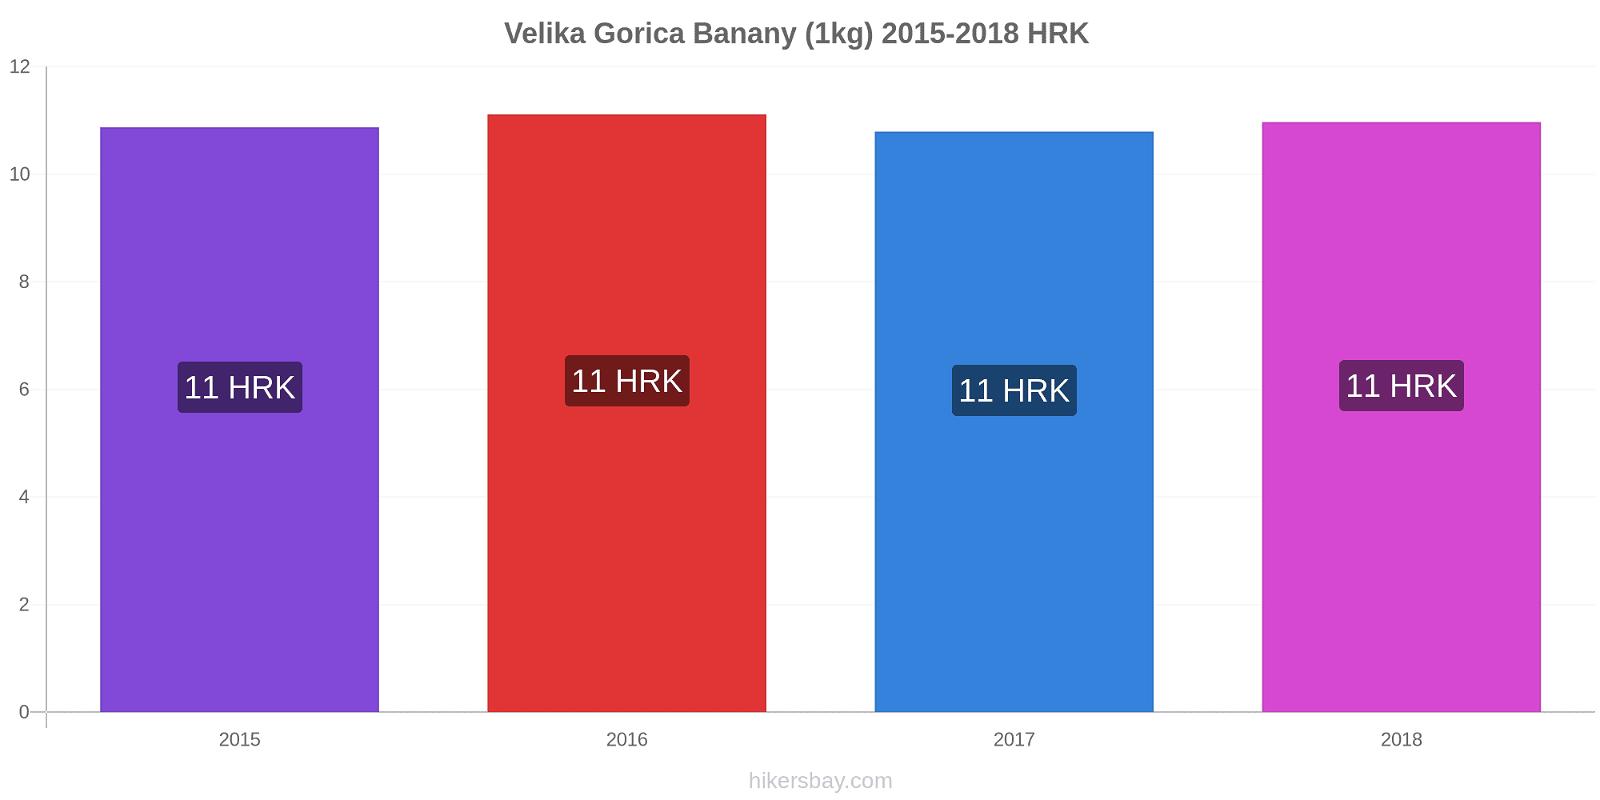 Velika Gorica zmiany cen Banany (1kg) hikersbay.com